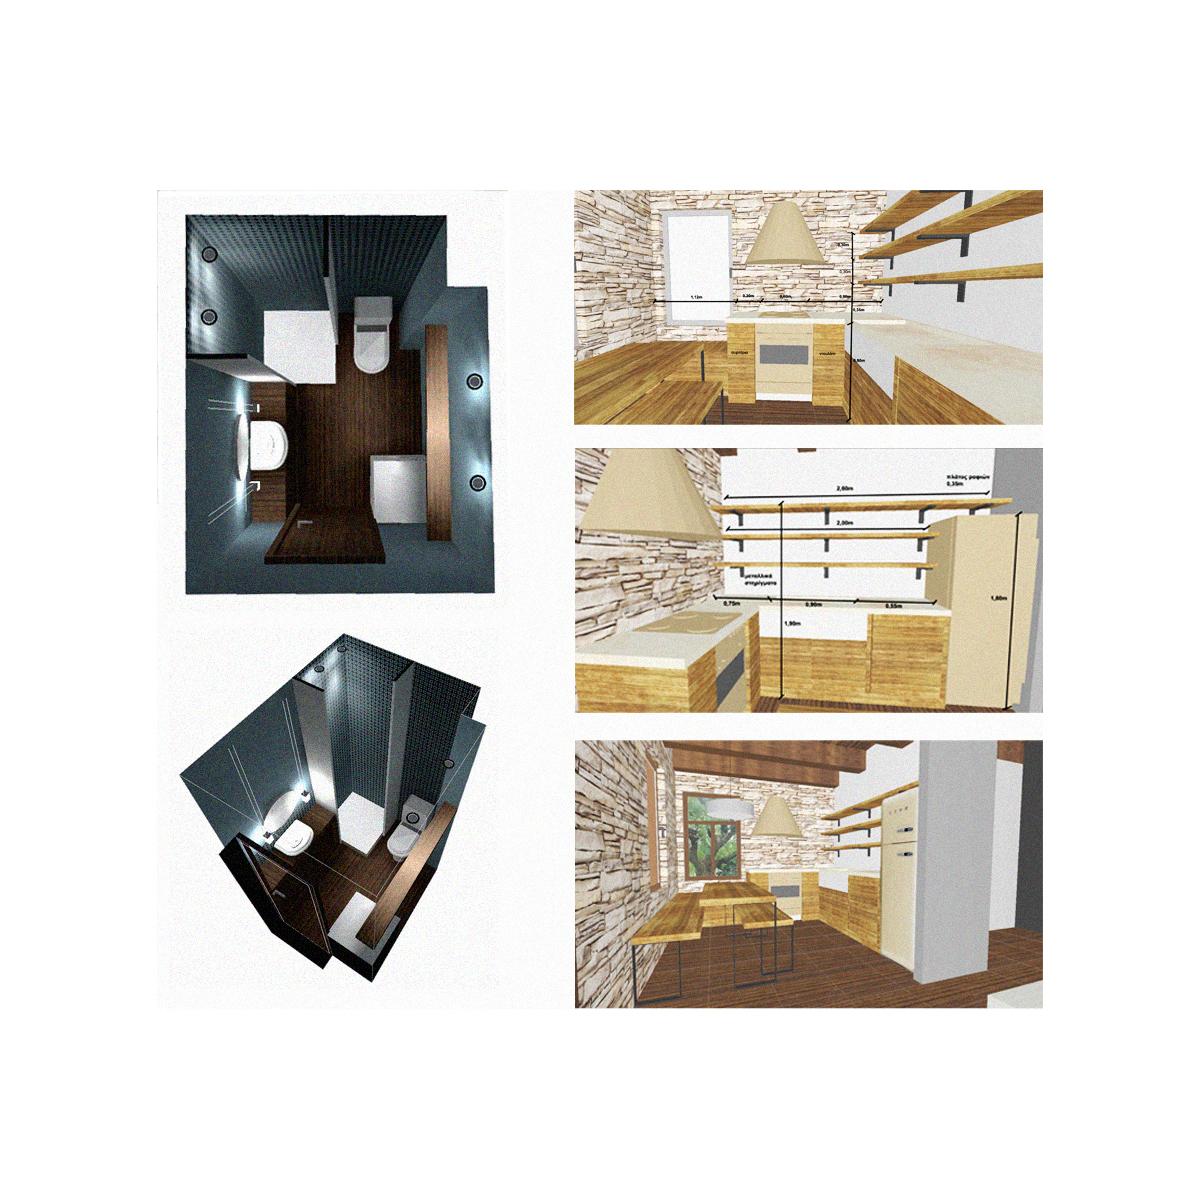 Αρχιτεκτονική μελέτη 3